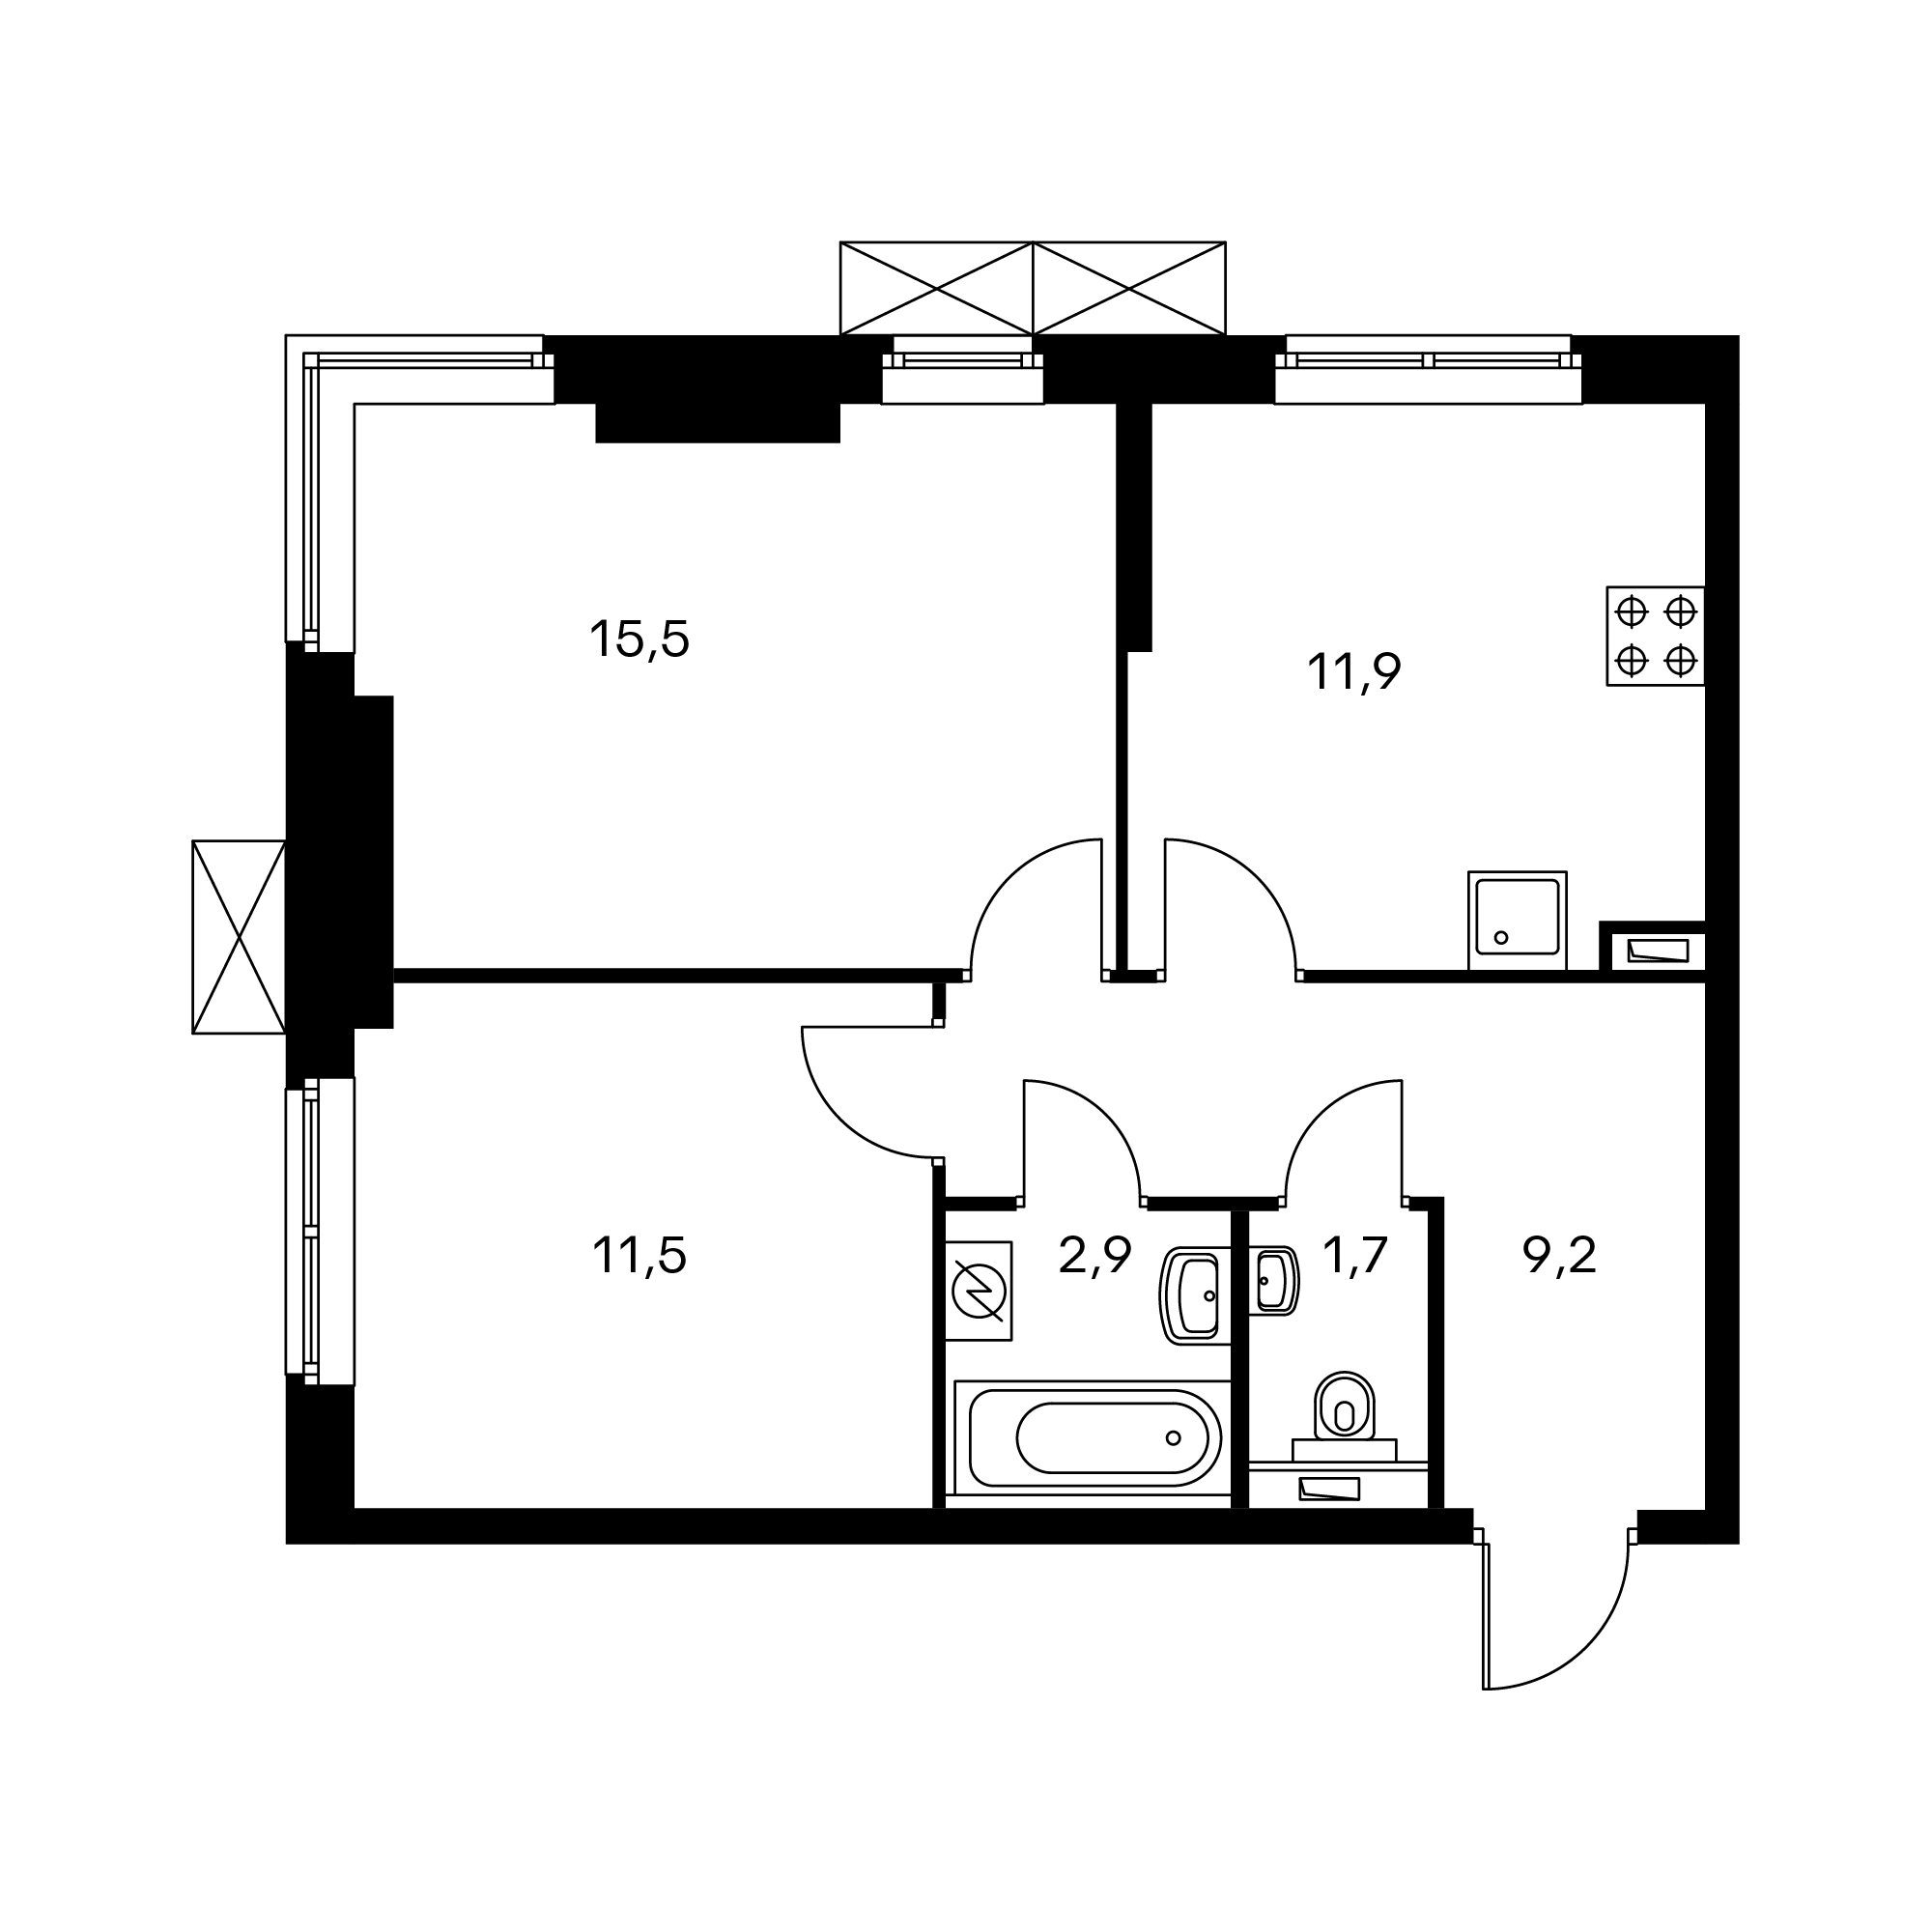 2-комнатная 52.7 м²